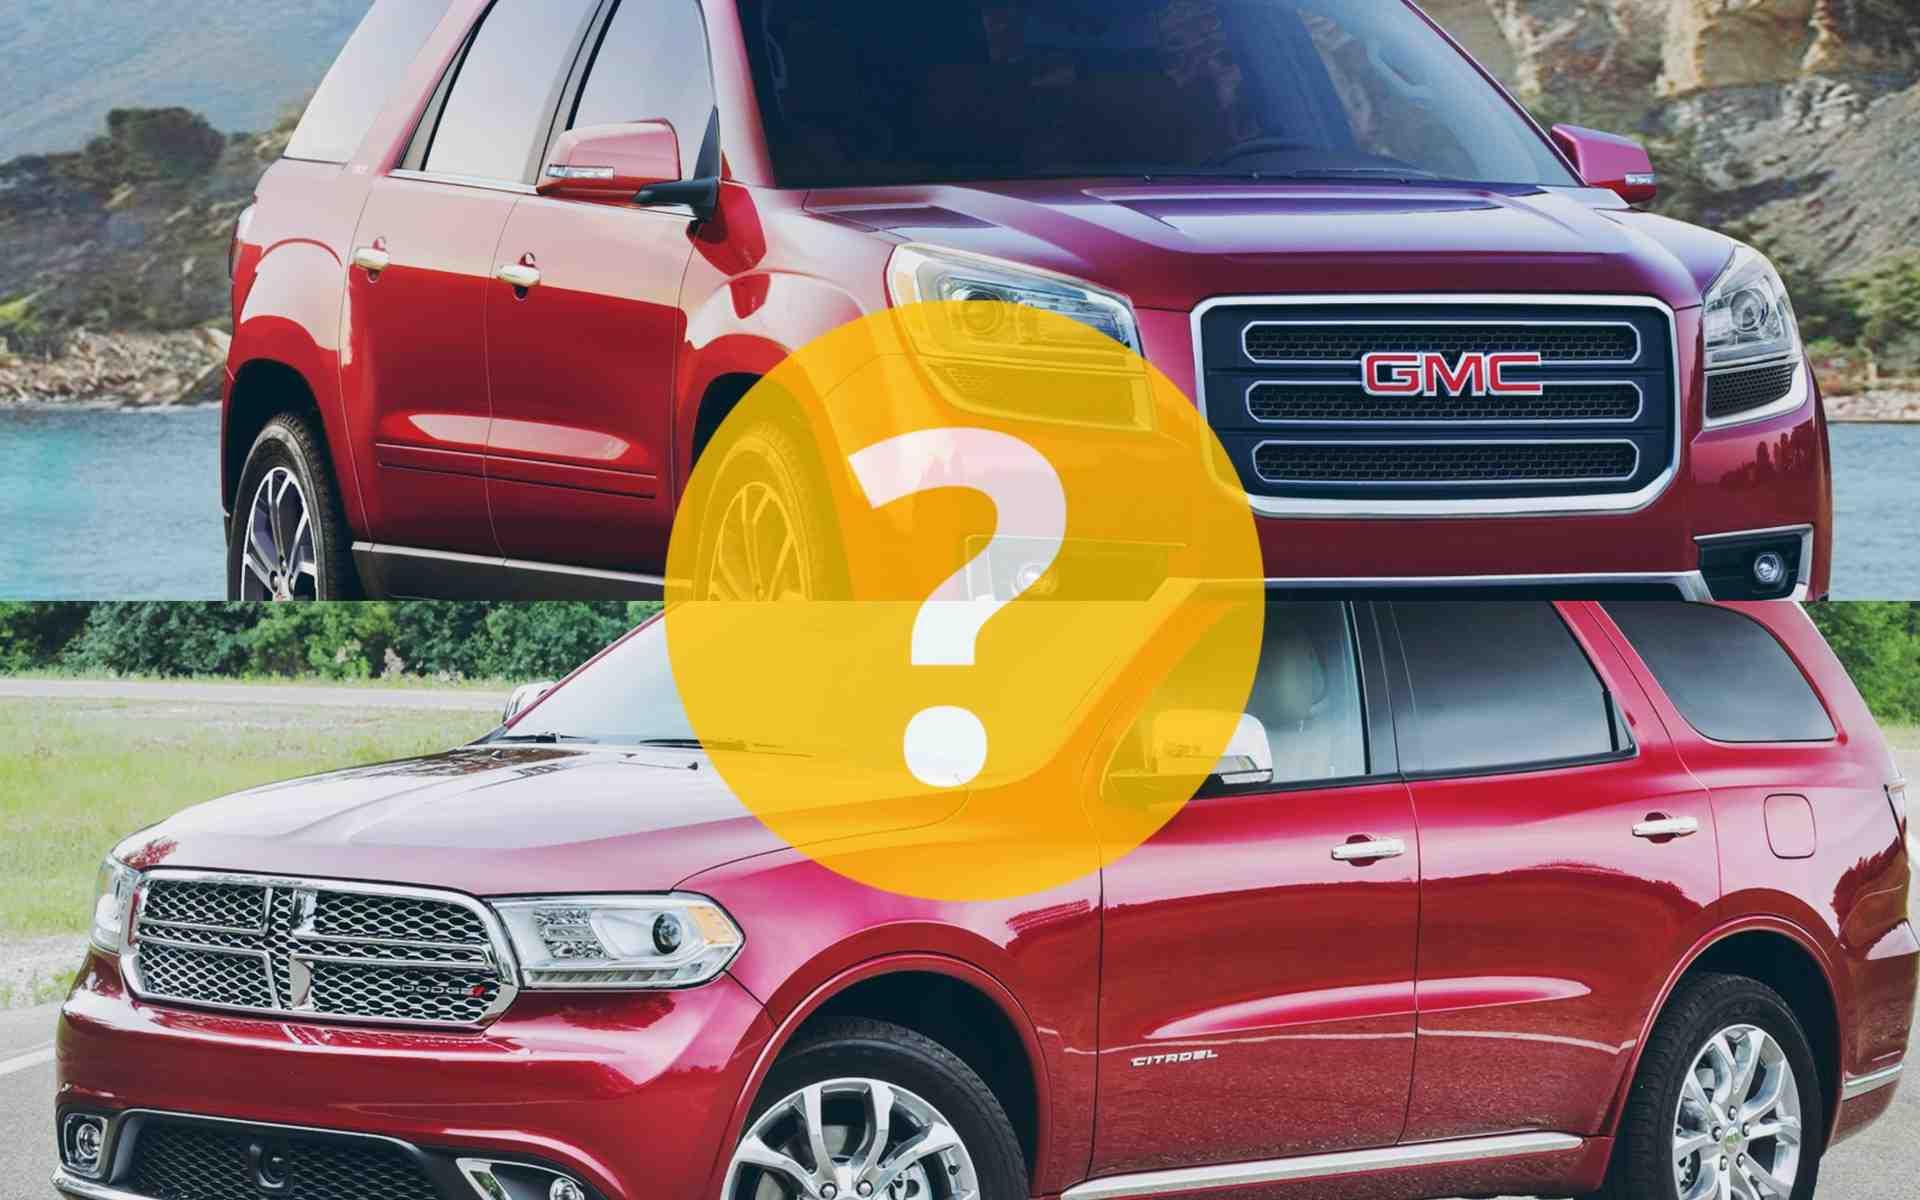 Quelle est la voiture d'occasion la plus fiable?